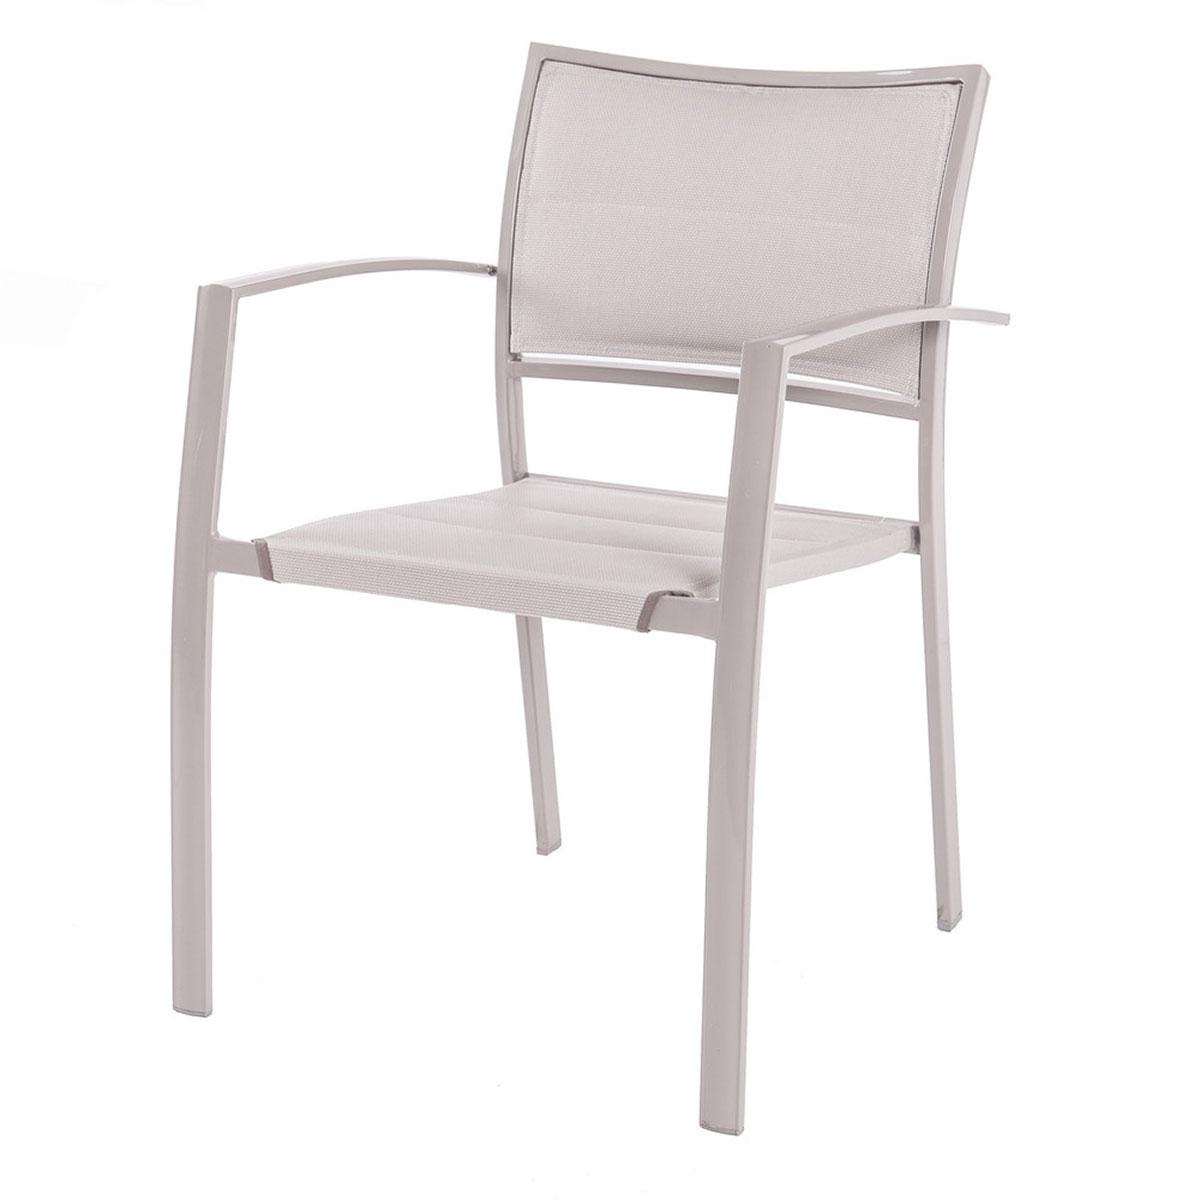 Lot de 4 chaises en acier et textilène gris - Gris - 55.50 cm x 57.00 cm x 82.00 cm